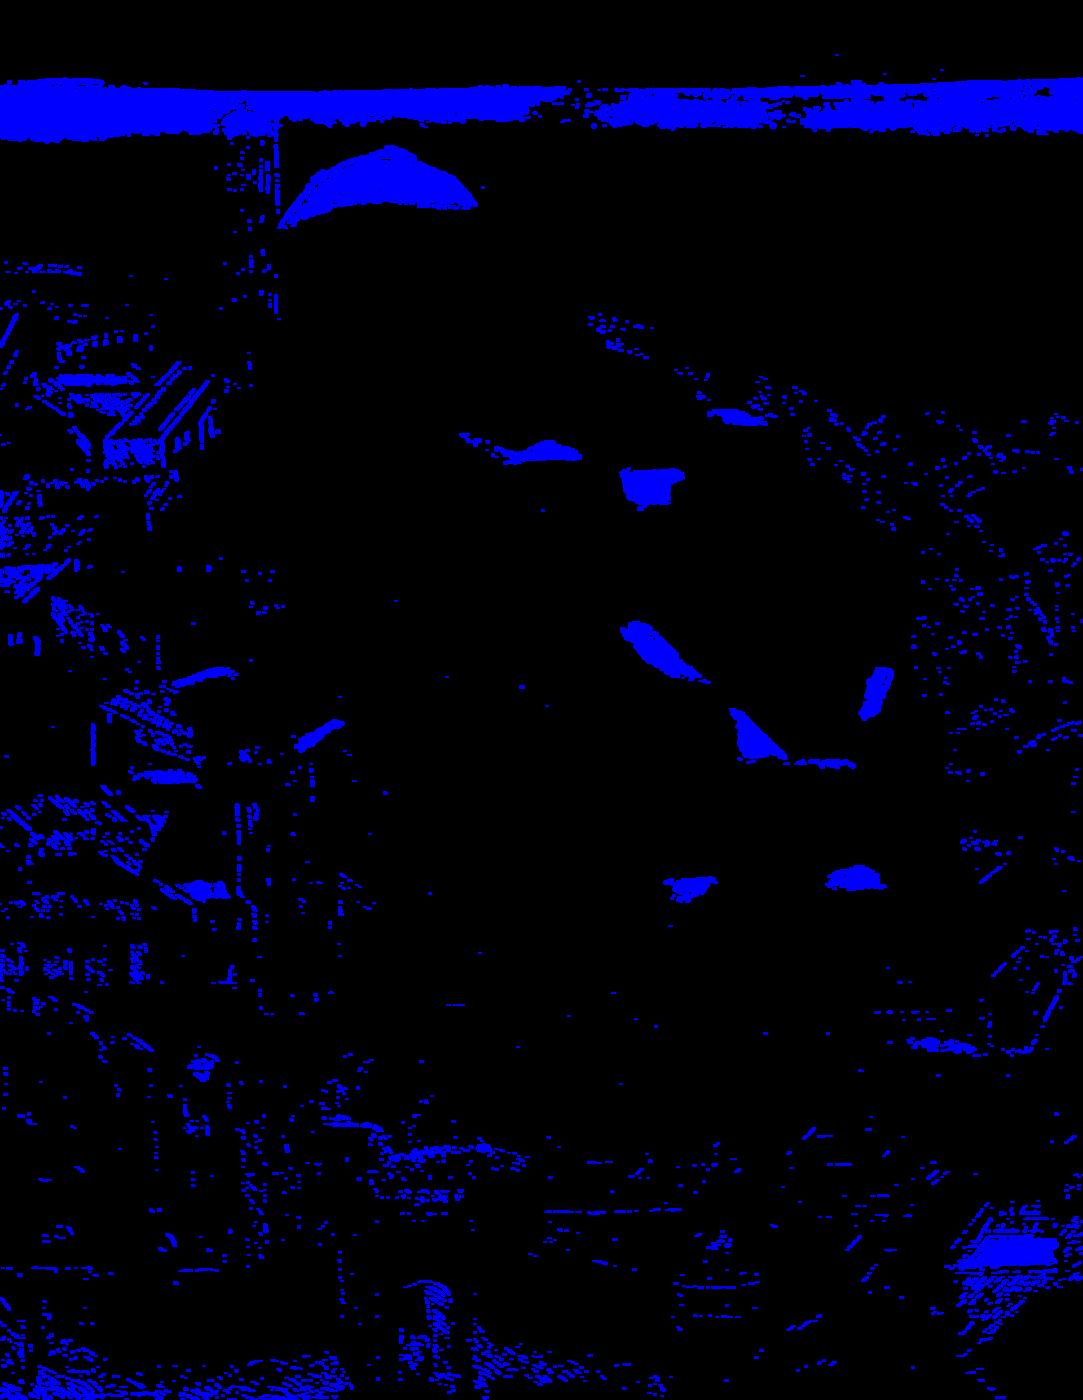 content/images/2.4/GA_LH_000014_C_WEB1.blue.png